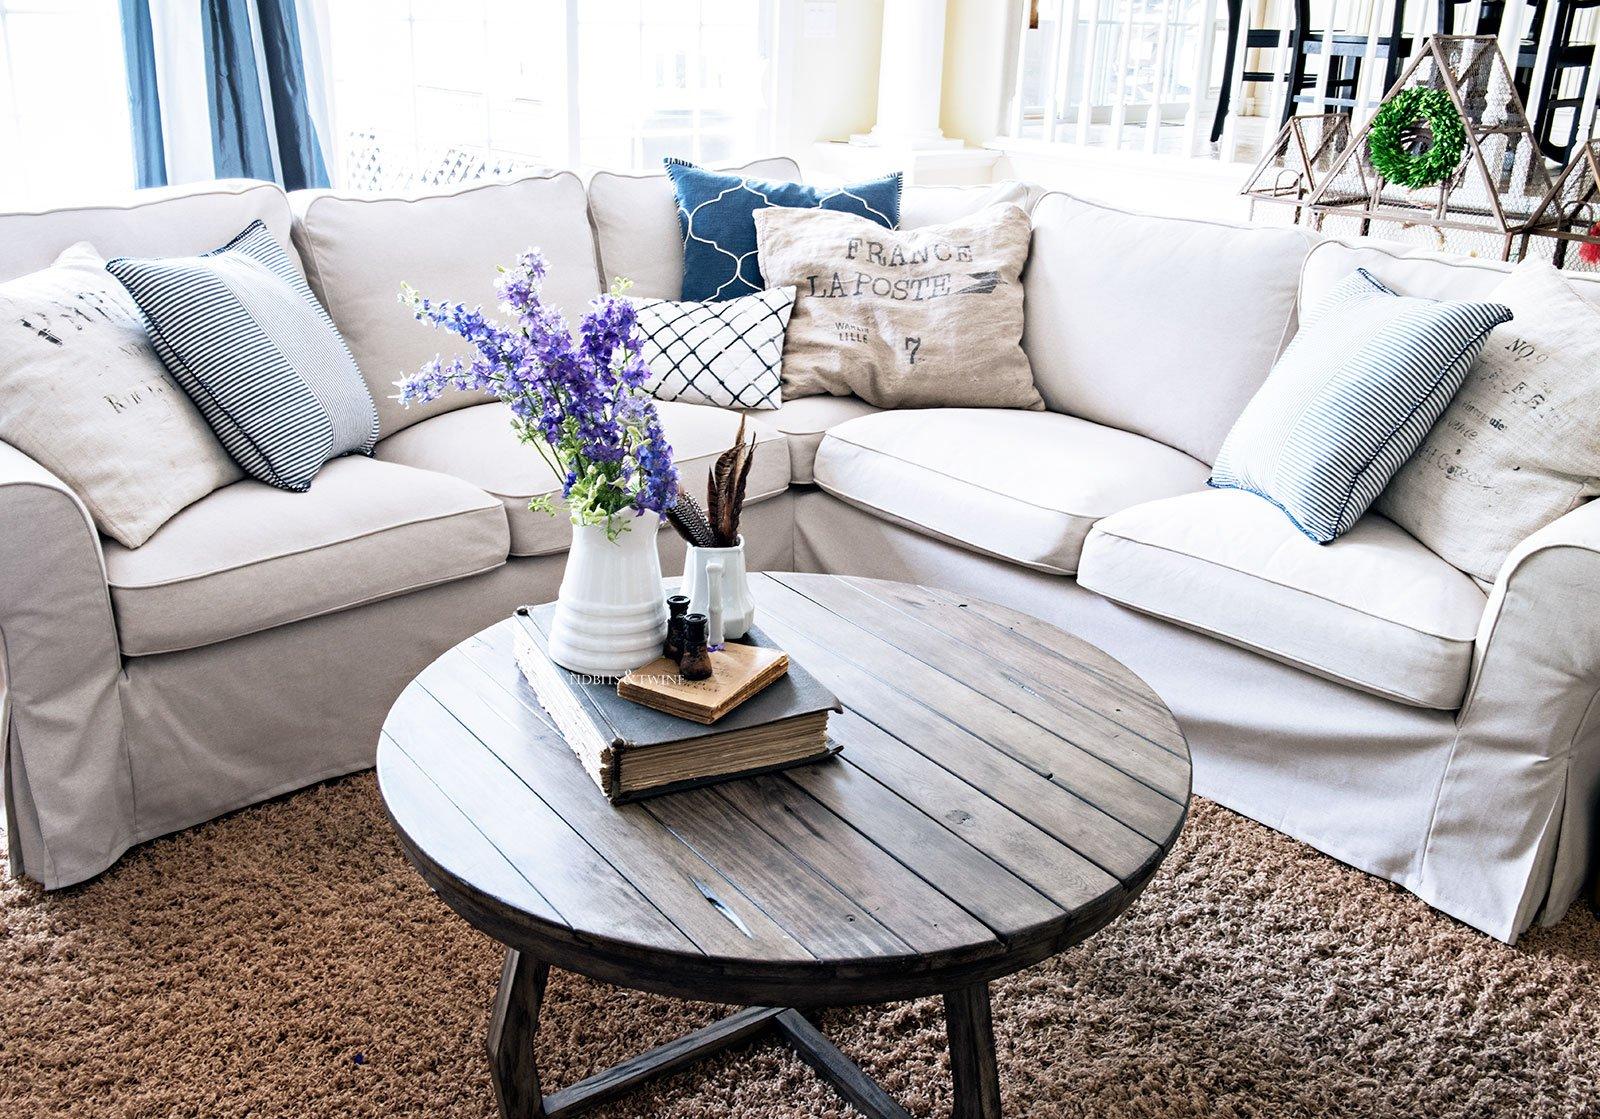 IKEA EKTORP sectional sofa in Lofallet Beige Review - Tidbits&Twine